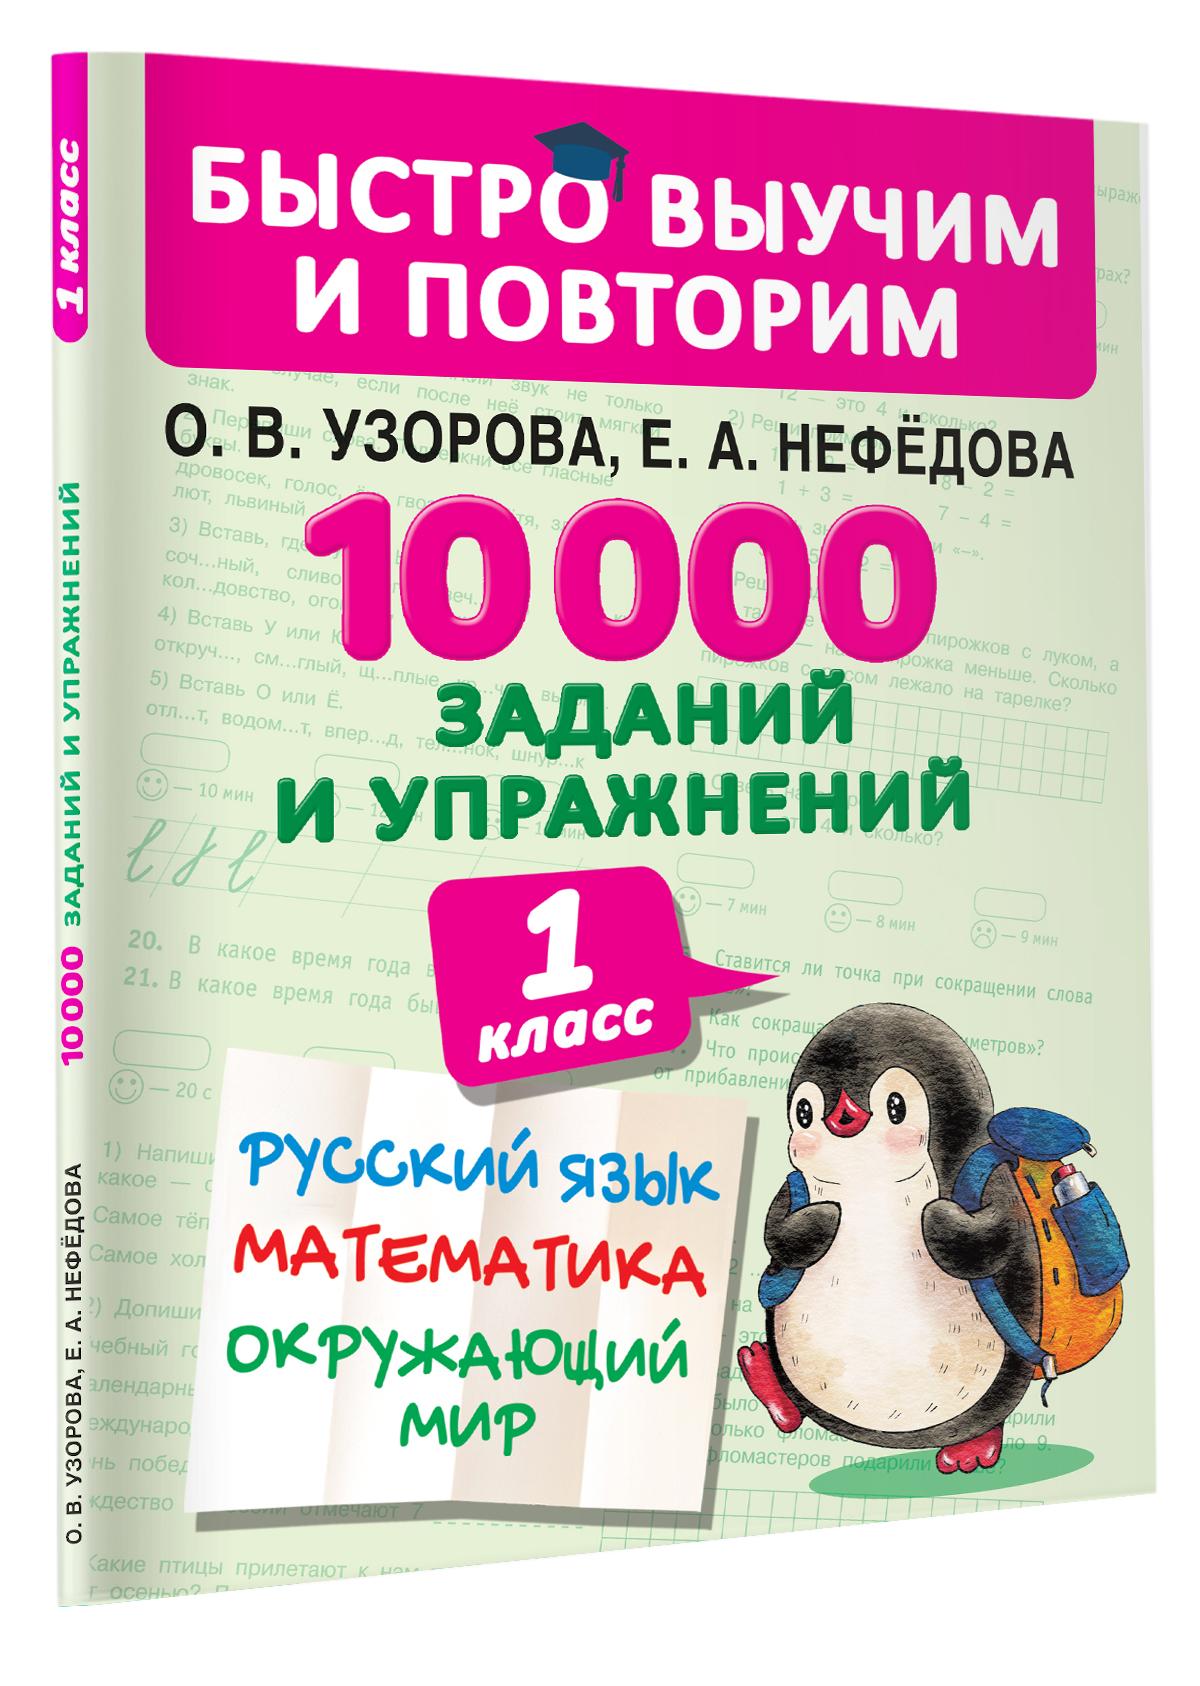 Узорова ОВ Нефедова ЕА 10000 заданий и упражнений 1 класс Русский язык Математика Окружающий мир